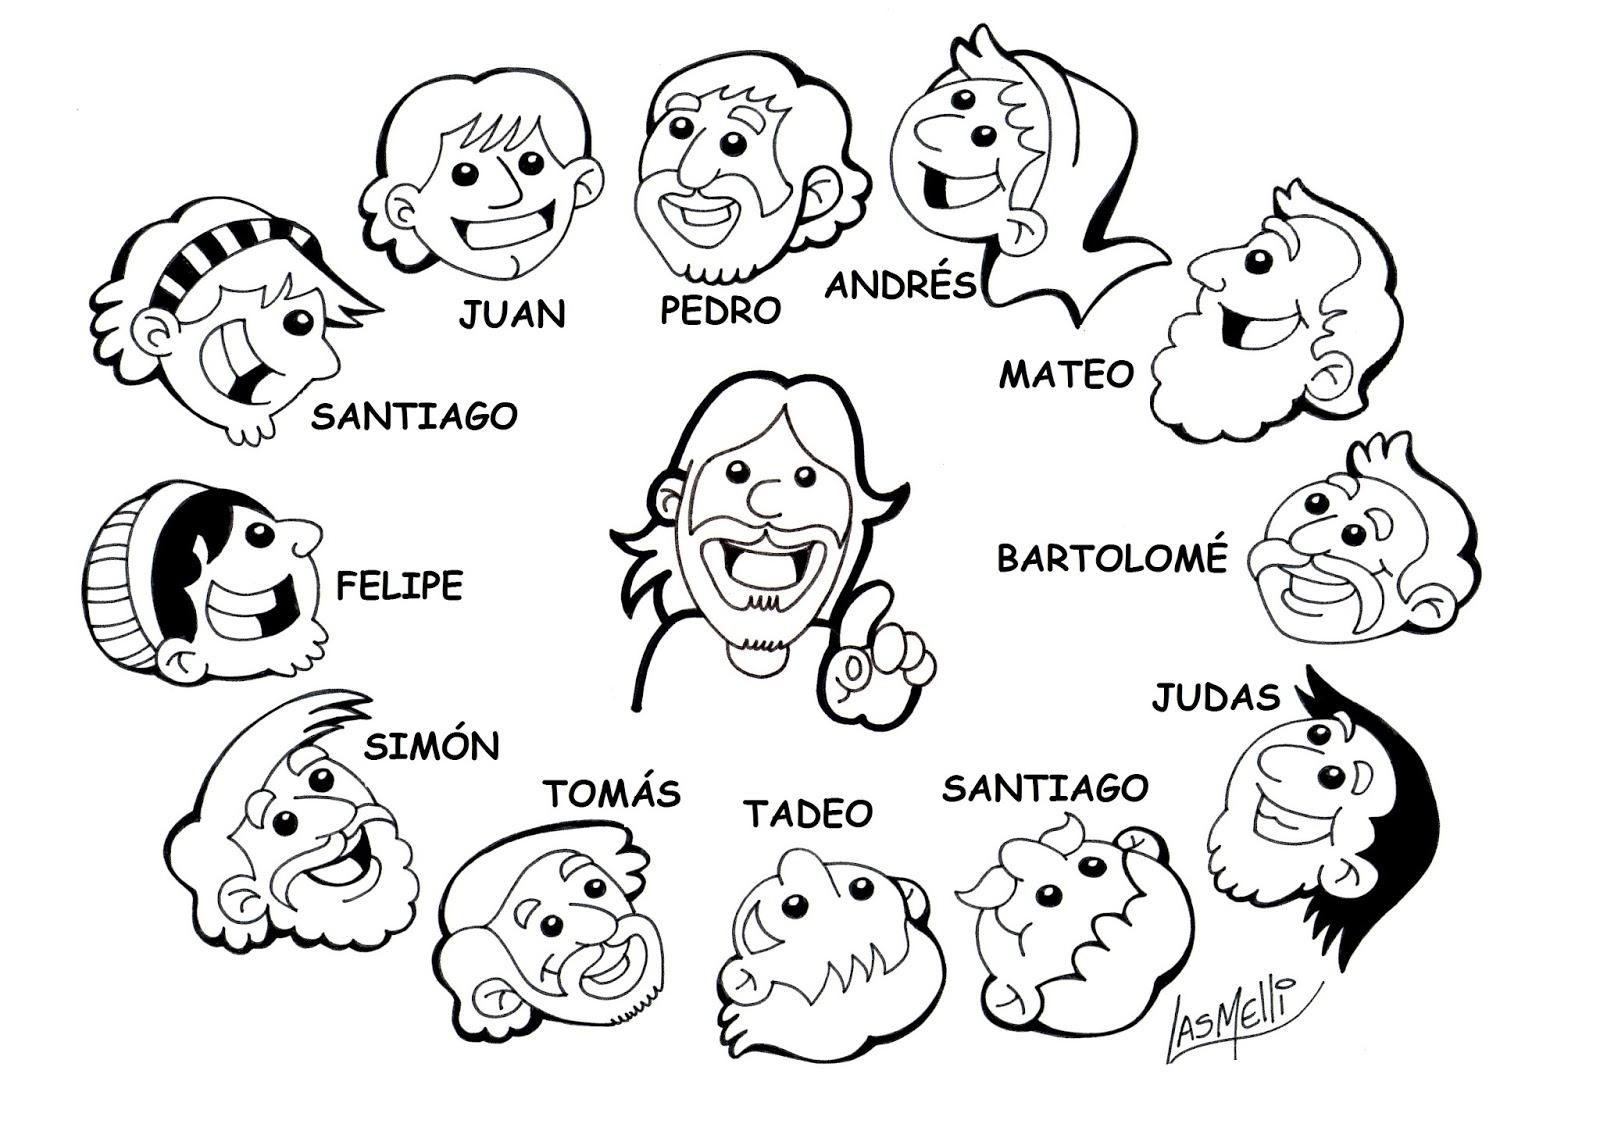 Las Misiones Y Los Niños Dibujos Para Colorear De Niños: Dibujo De Los 12 Apostoles